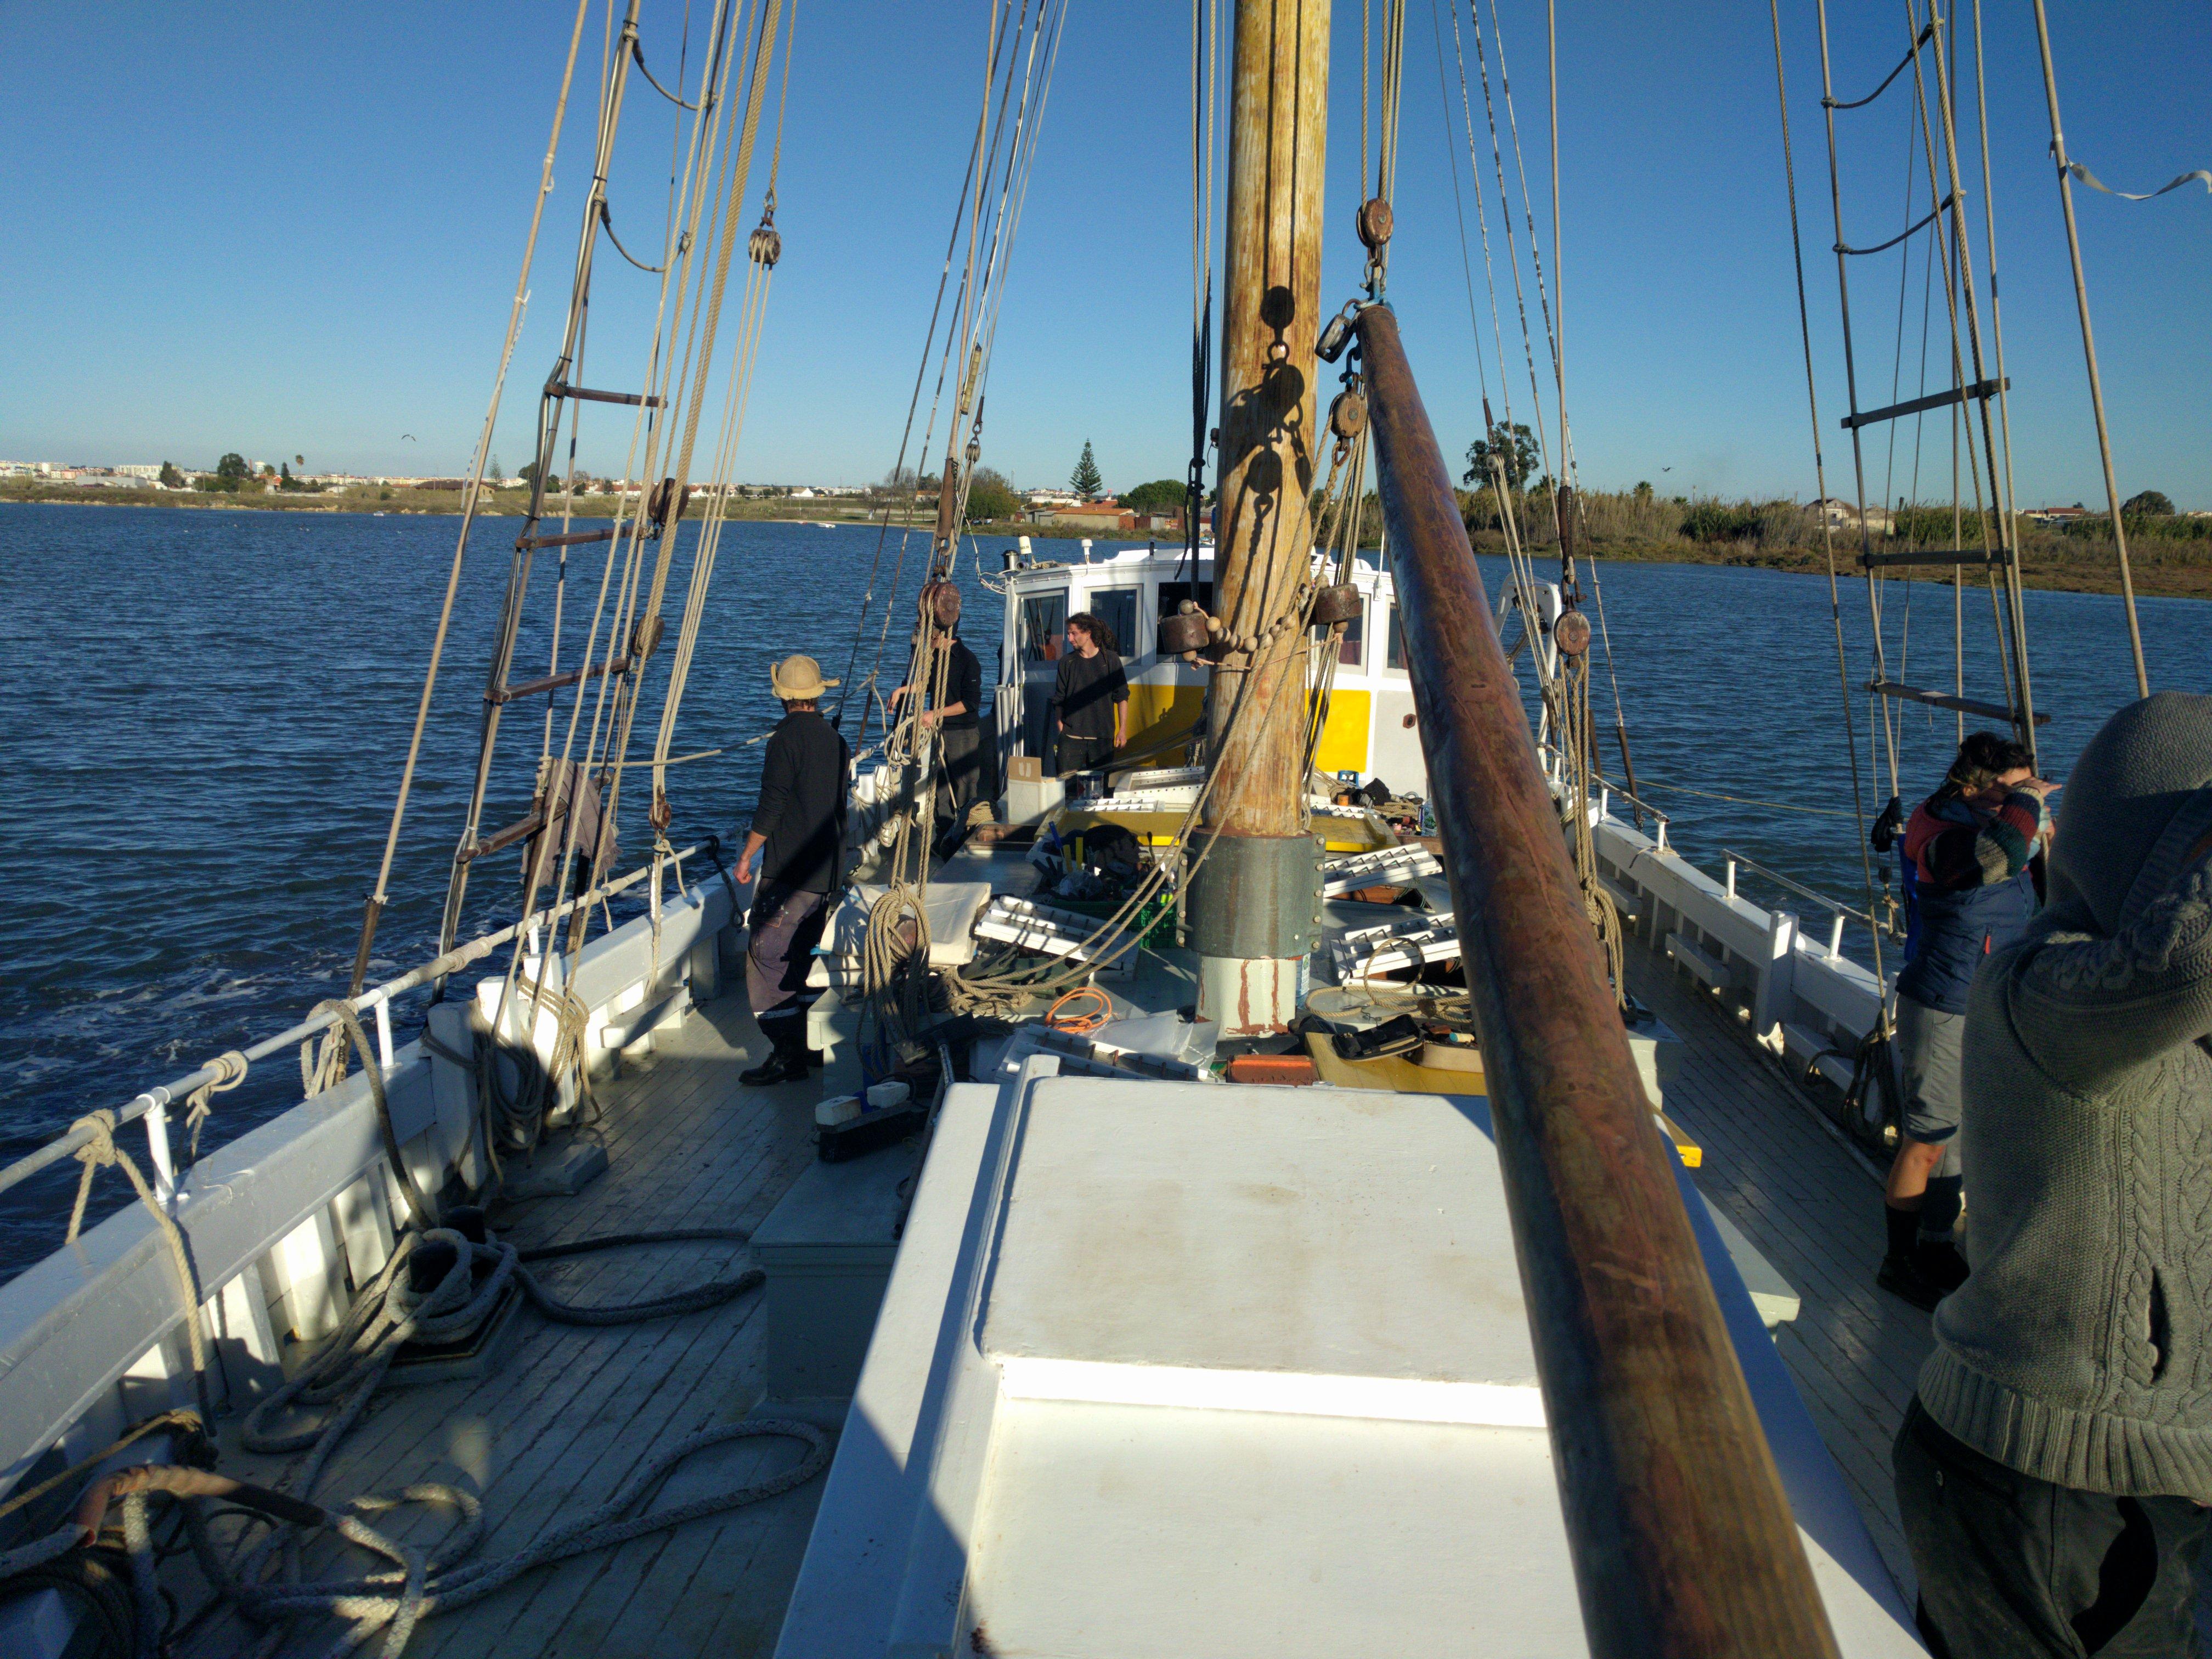 Piratas modernos e comunidades no mar